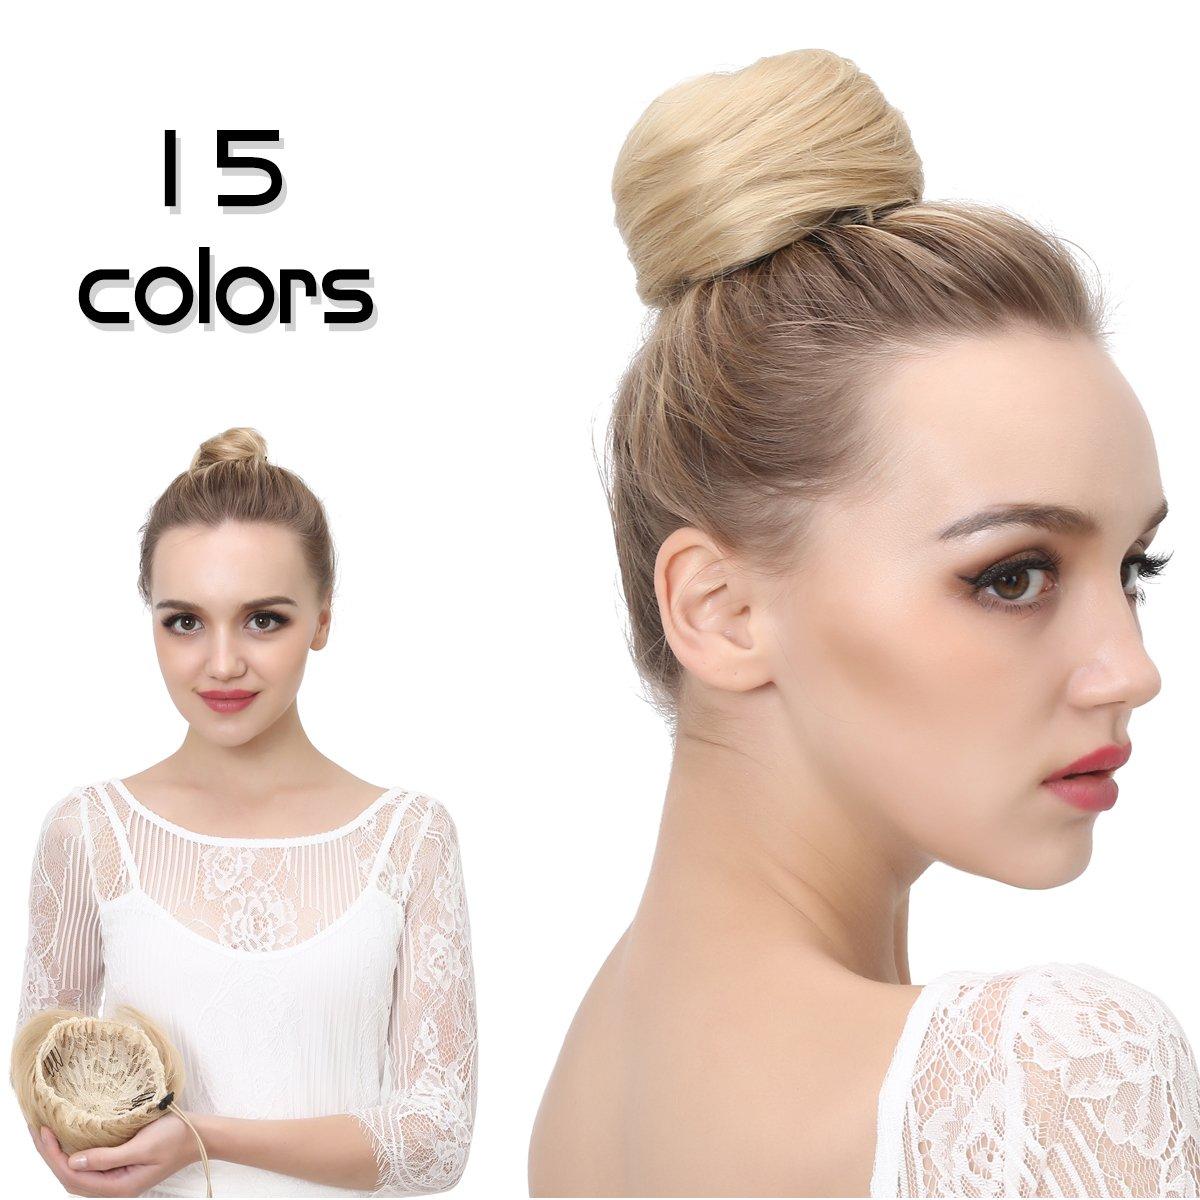 Amazon.com : Onedor Synthetic Fiber Hair Extension Chignon Donut Bun ...